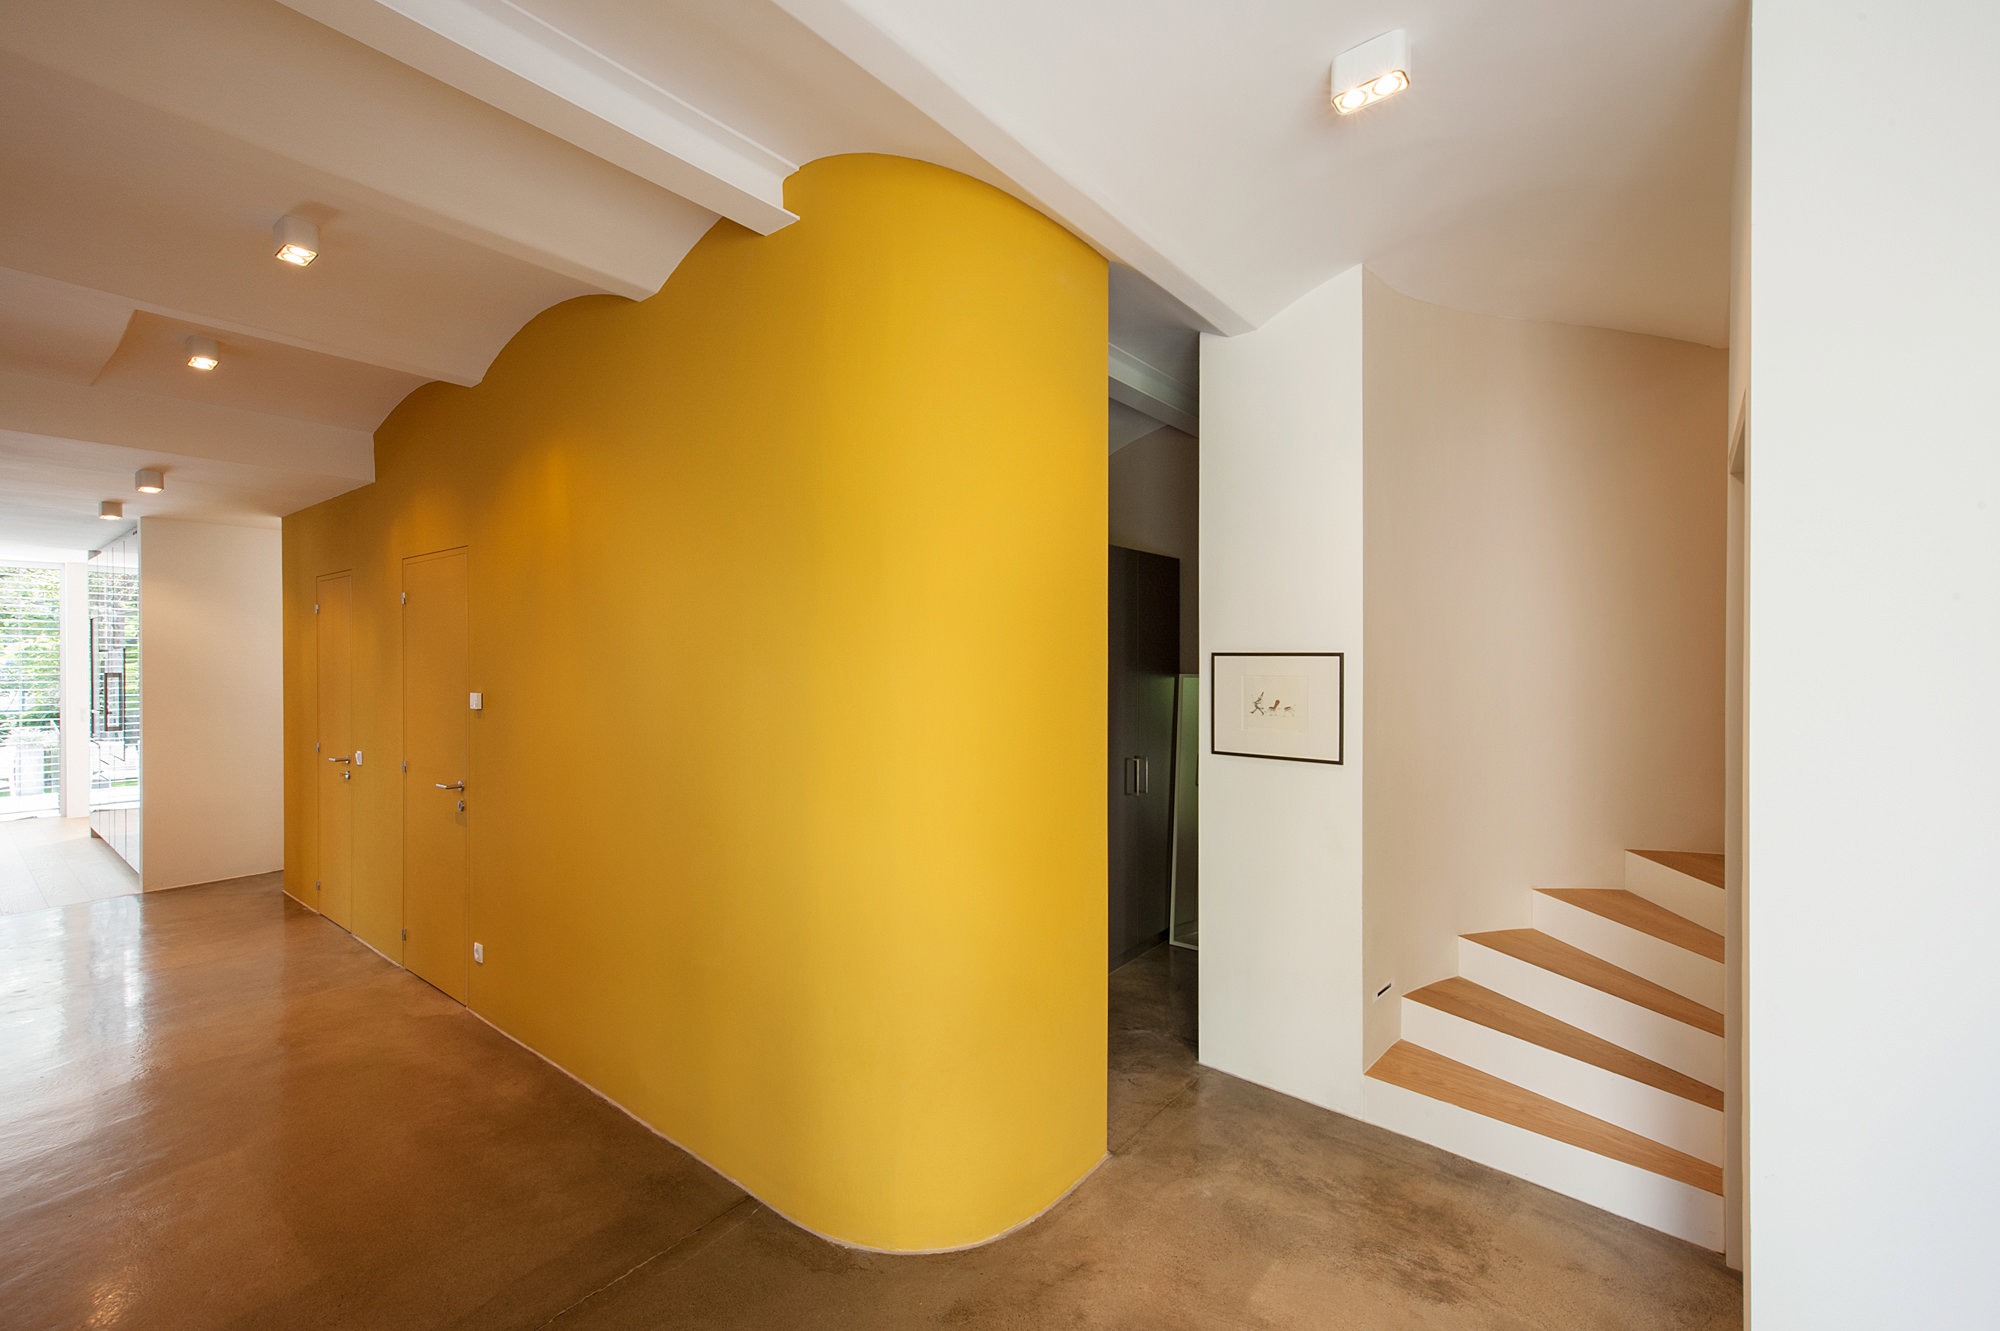 haus u 04 umbau und erweiterung einfamilienhaus 1190 wien junger beer architektur